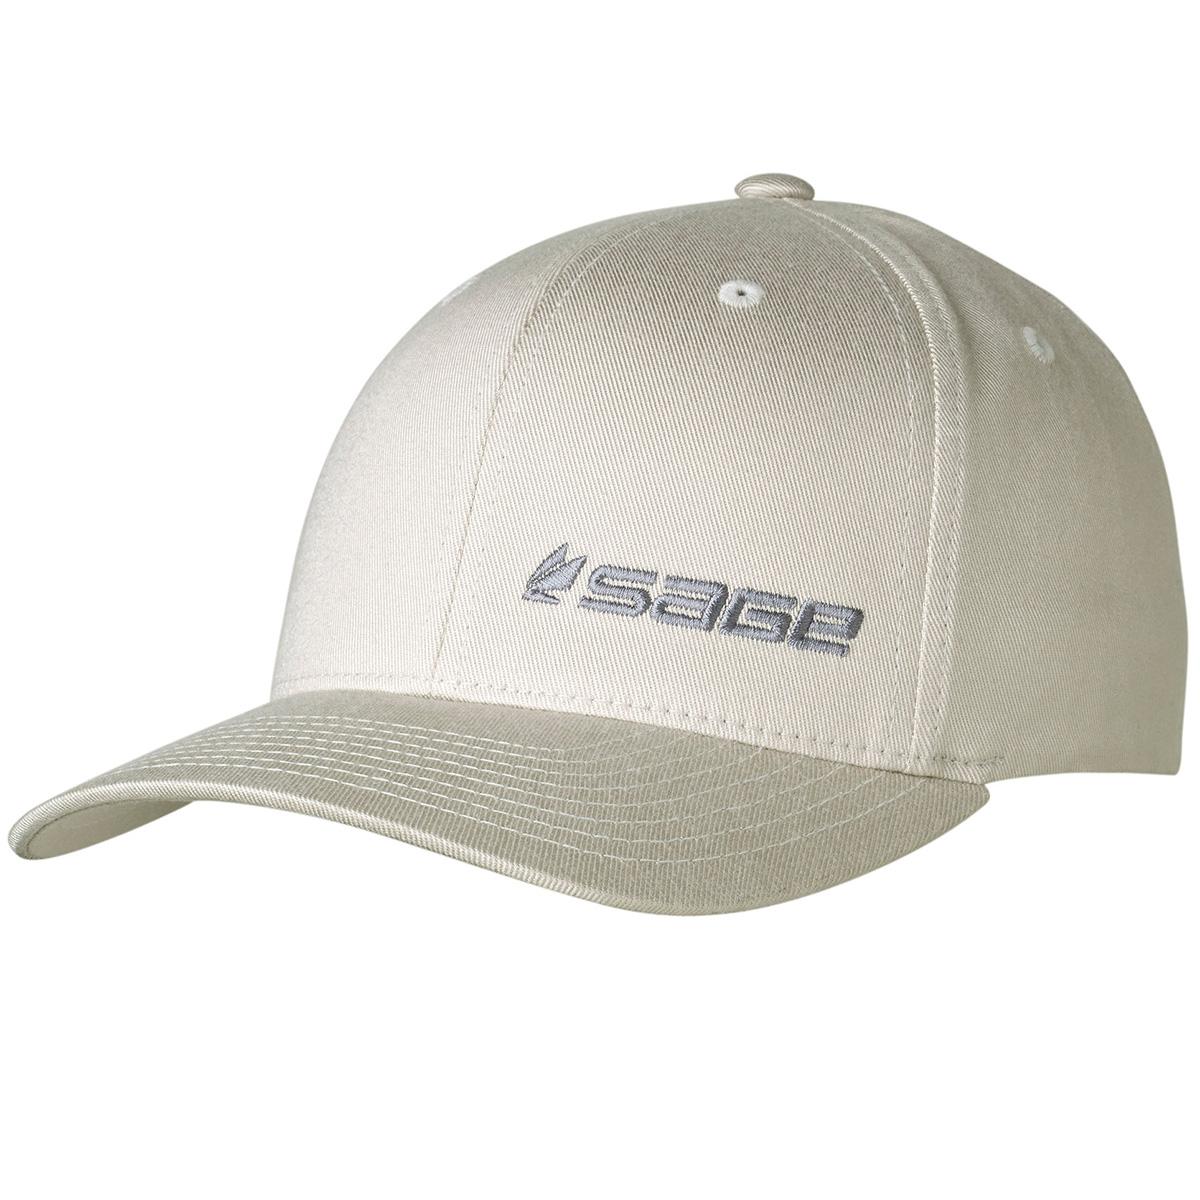 Khaki Small Medium Code  10070826 Sage FlexFit f0d1e19a5cd